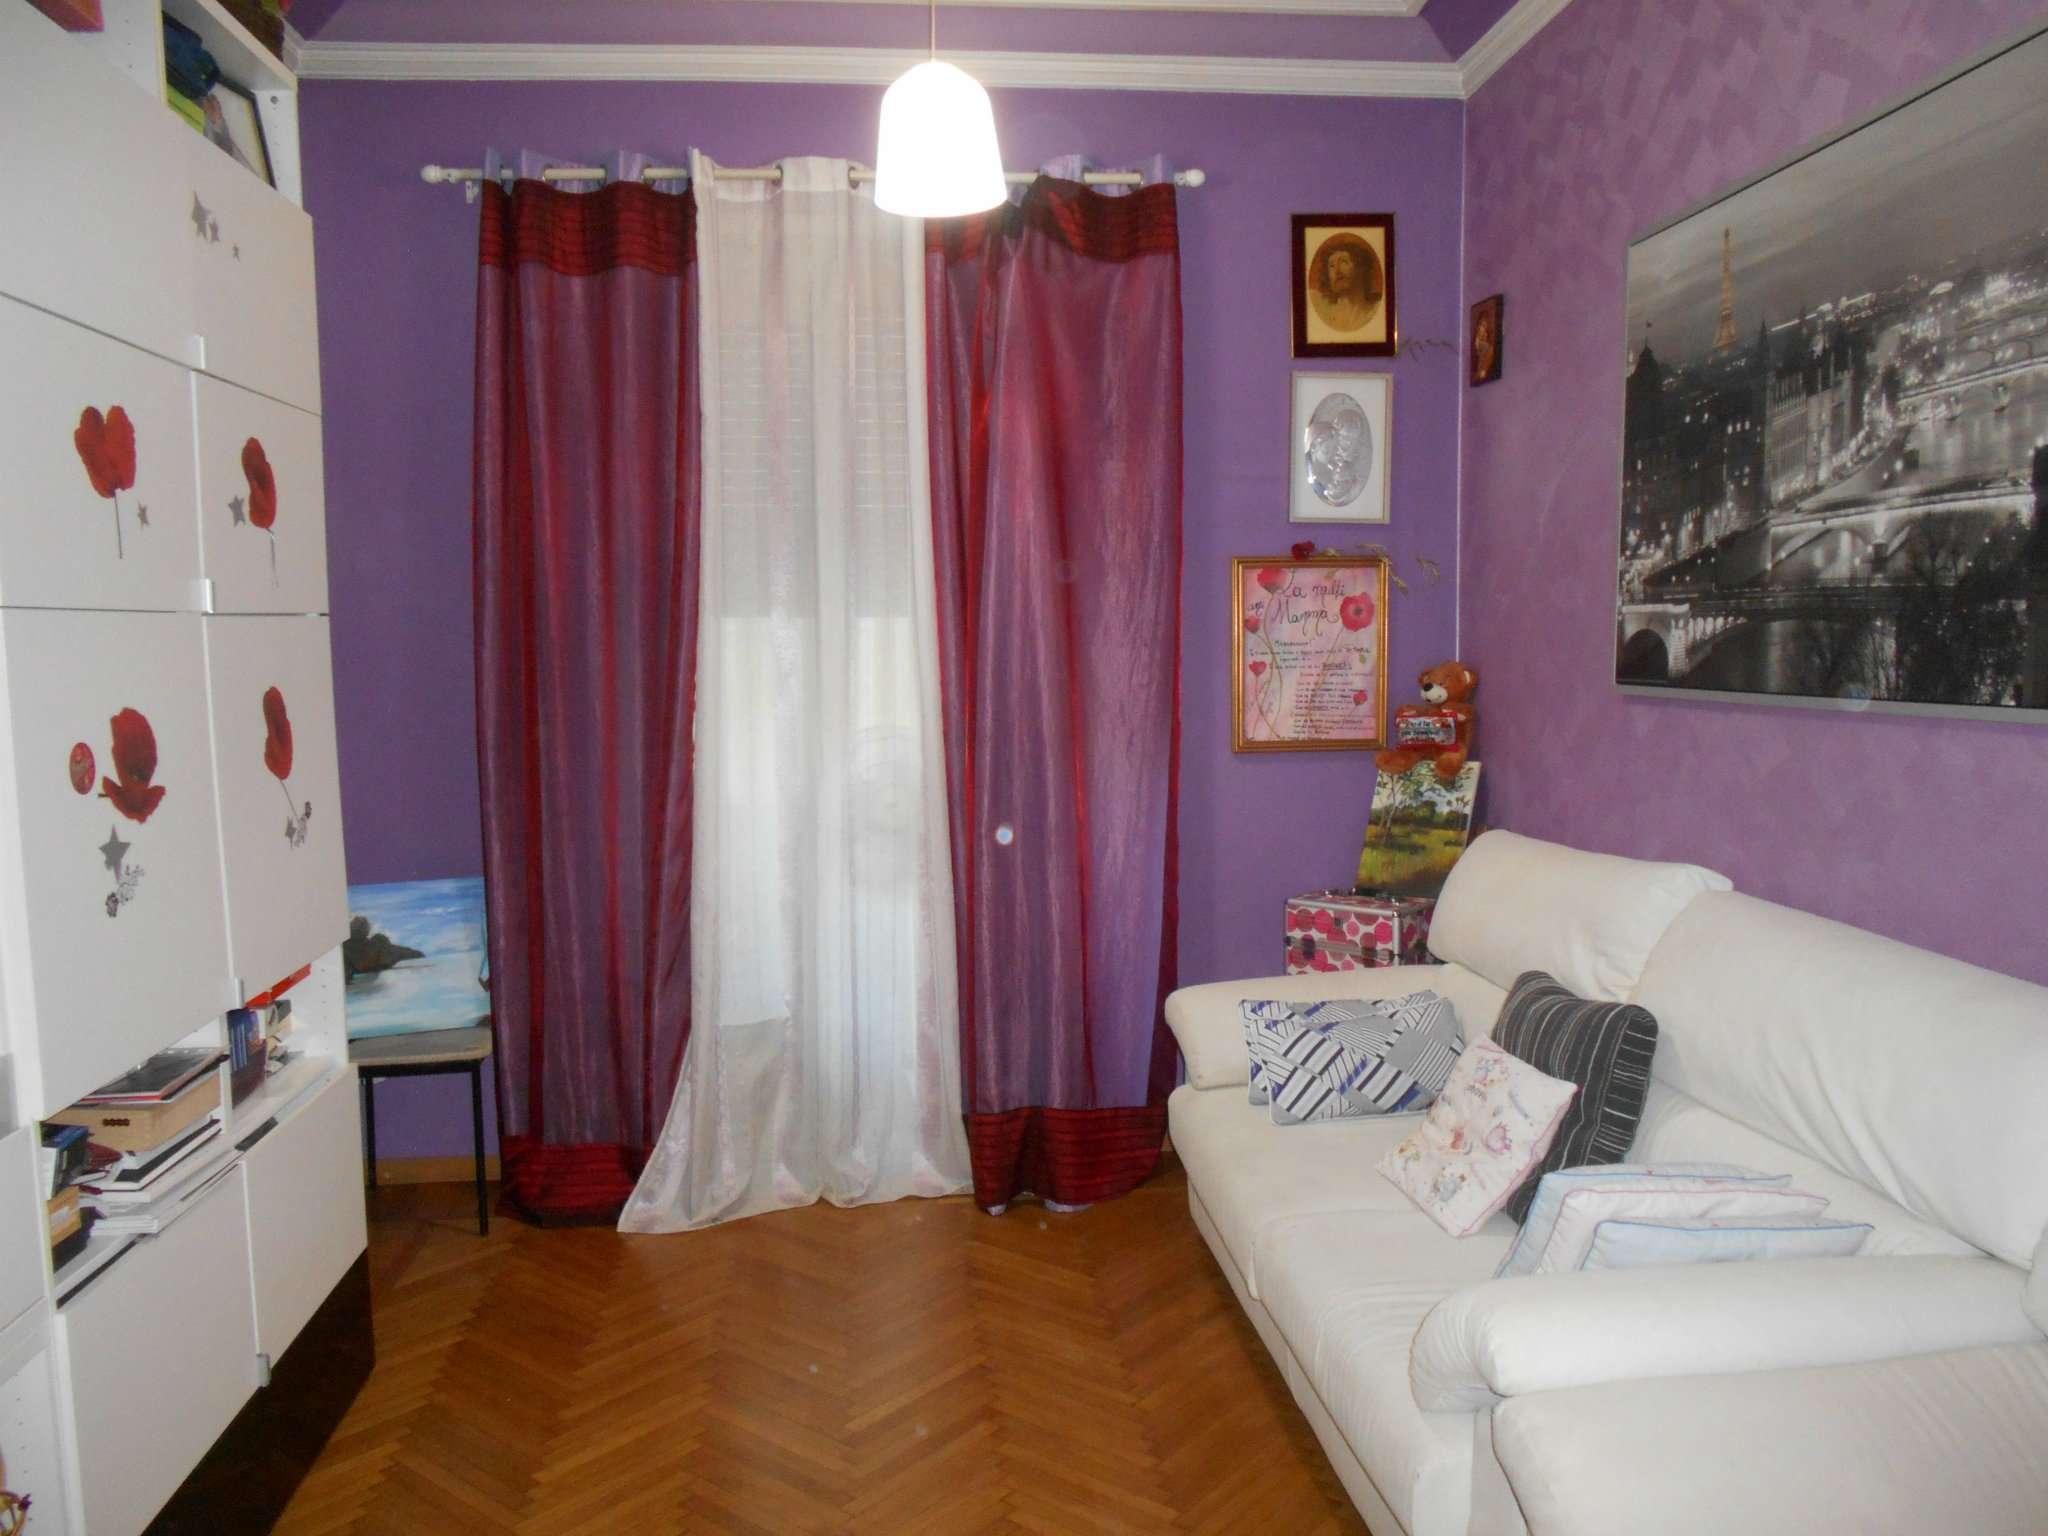 Appartamento in vendita a Torino, 4 locali, zona Zona: 12 . Barca-Bertolla, Falchera, Barriera Milano, Corso Regio Parco, Rebaudengo, prezzo € 130.000 | CambioCasa.it